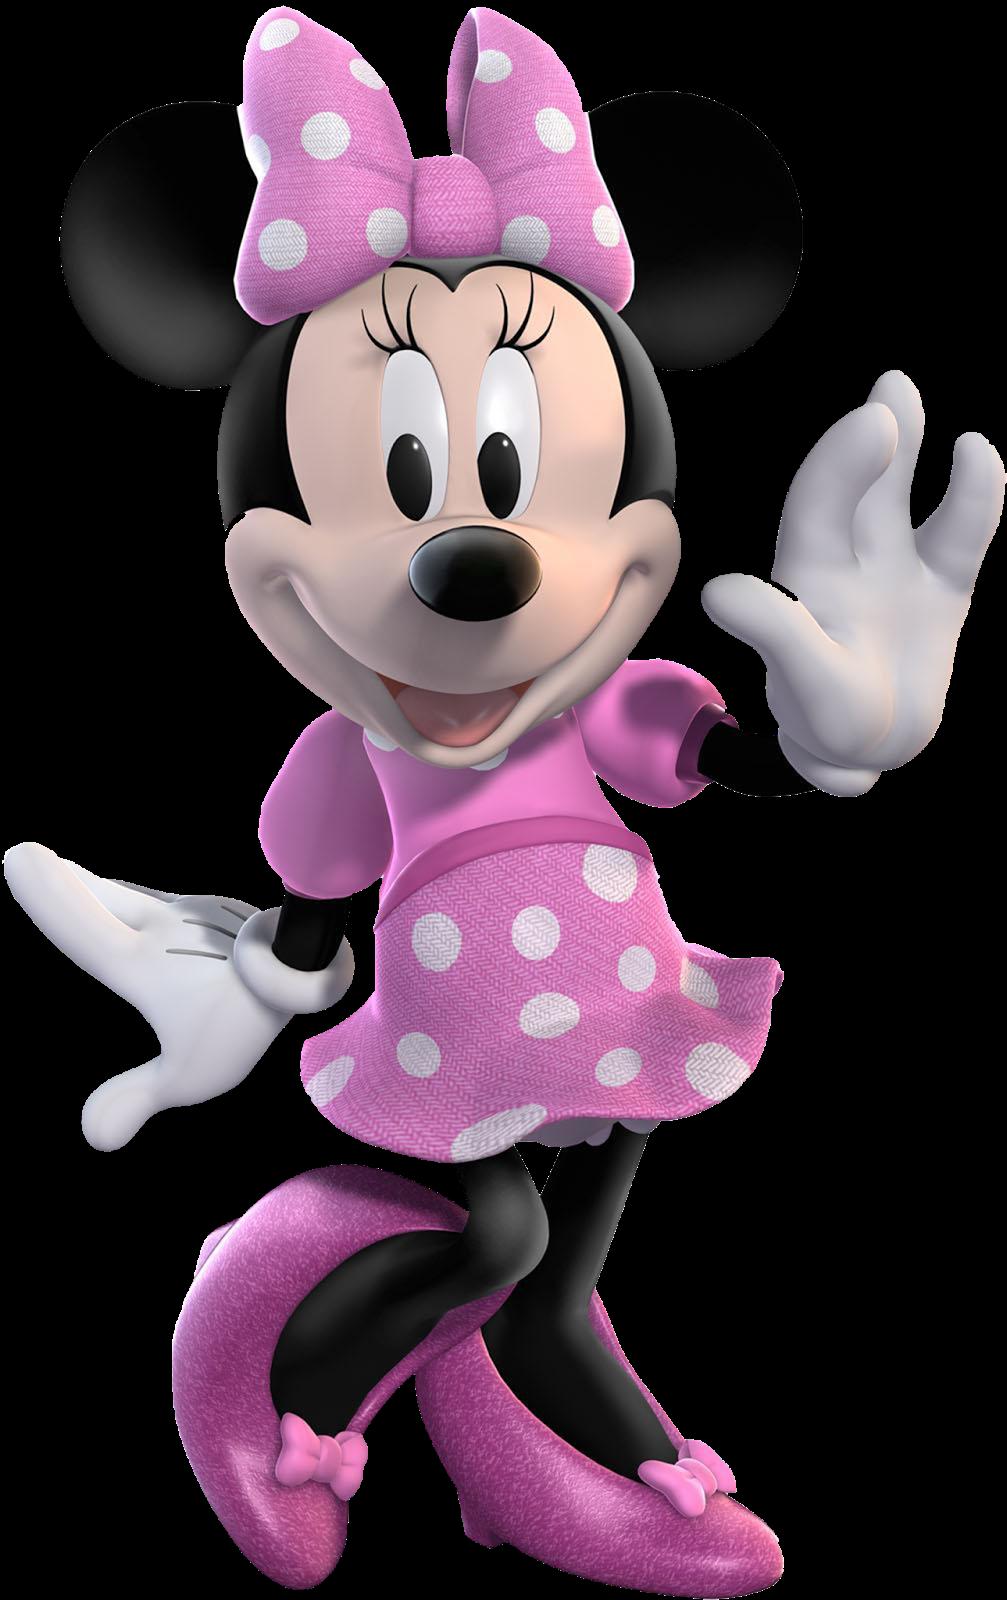 Tutoriales de photoshop y coreldraw minnie mouse en png - Minni et mickey ...